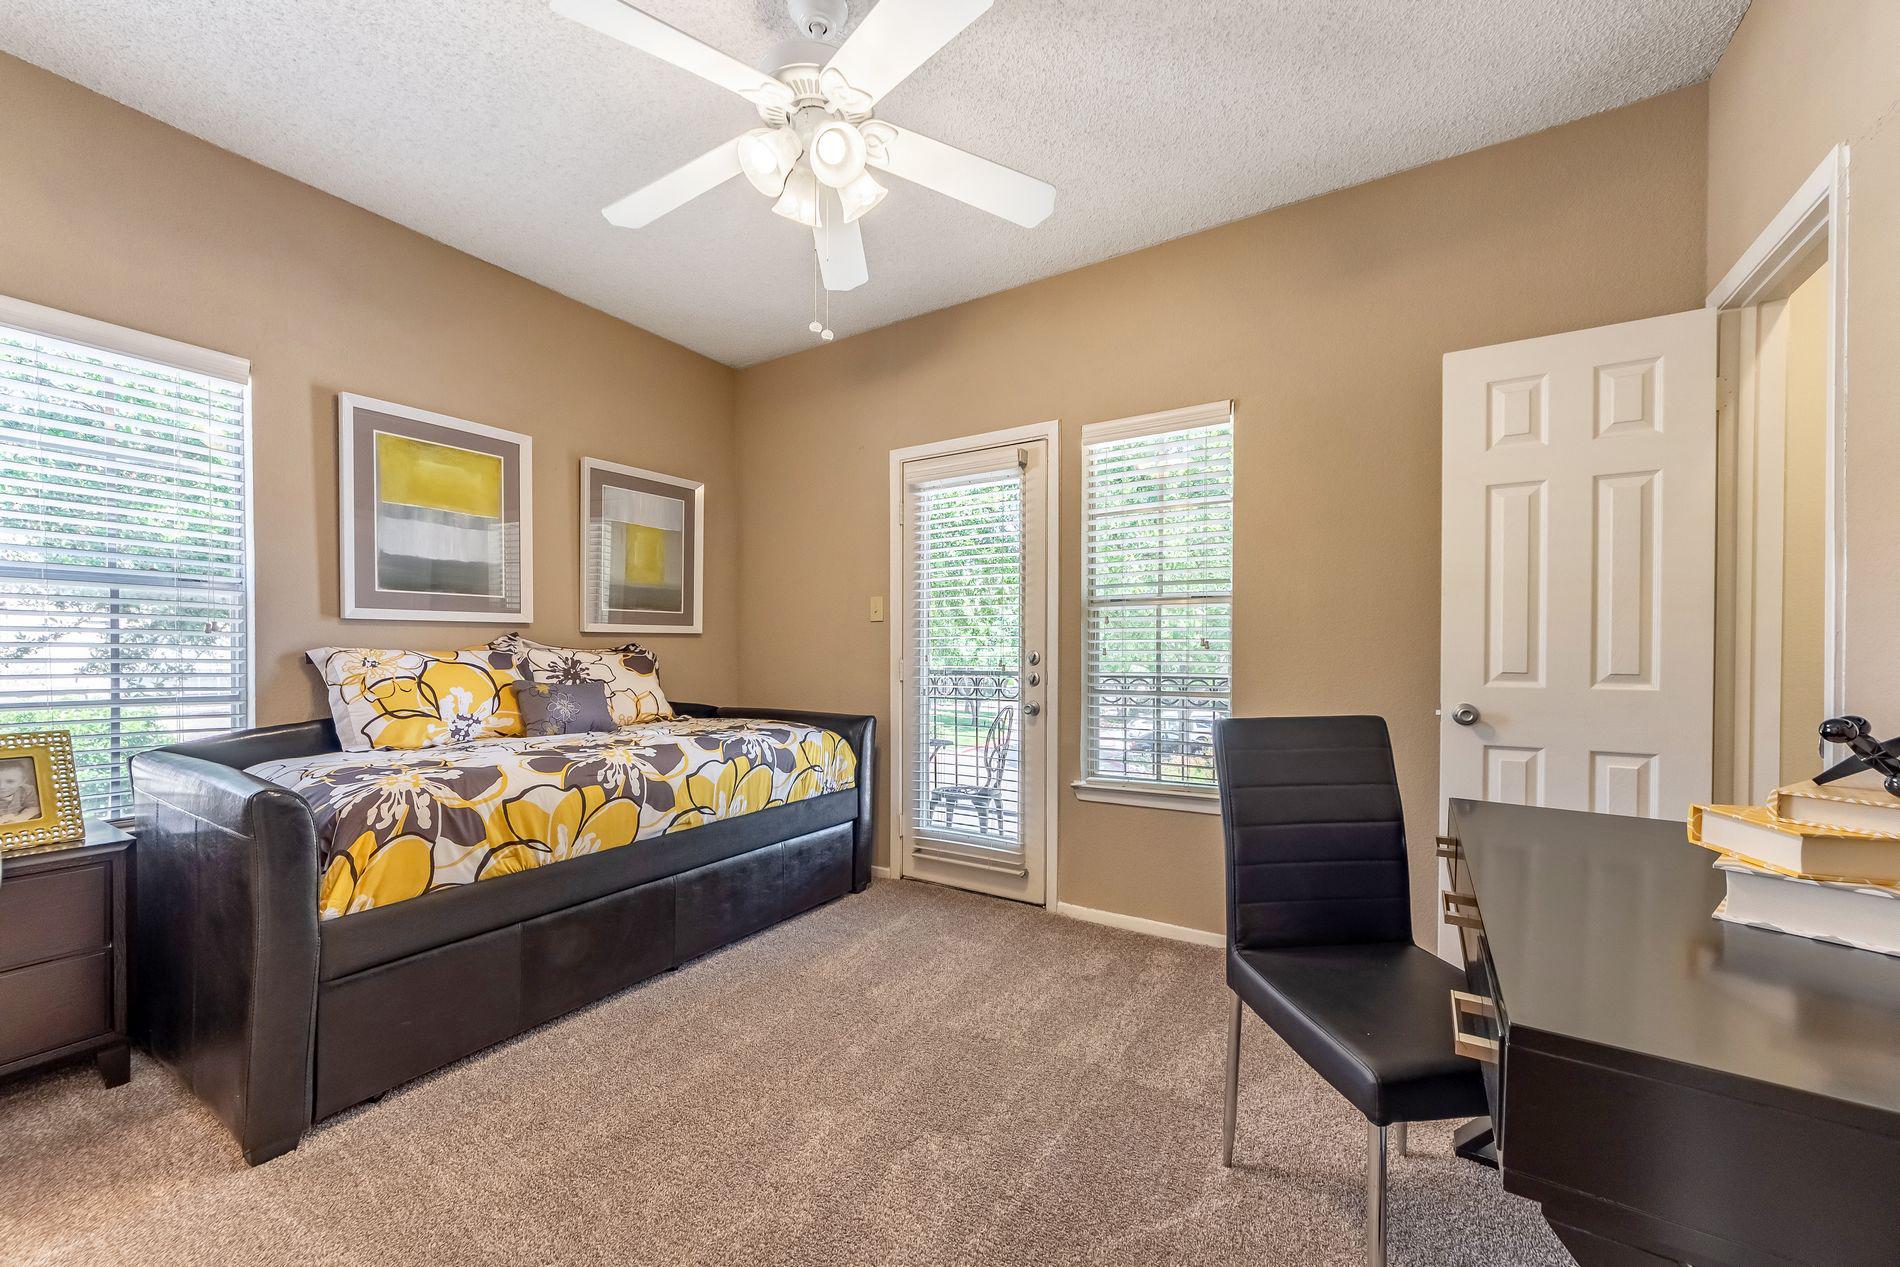 Model Guest Bedroom at La Costa Apartments in Plano, Texas, TX